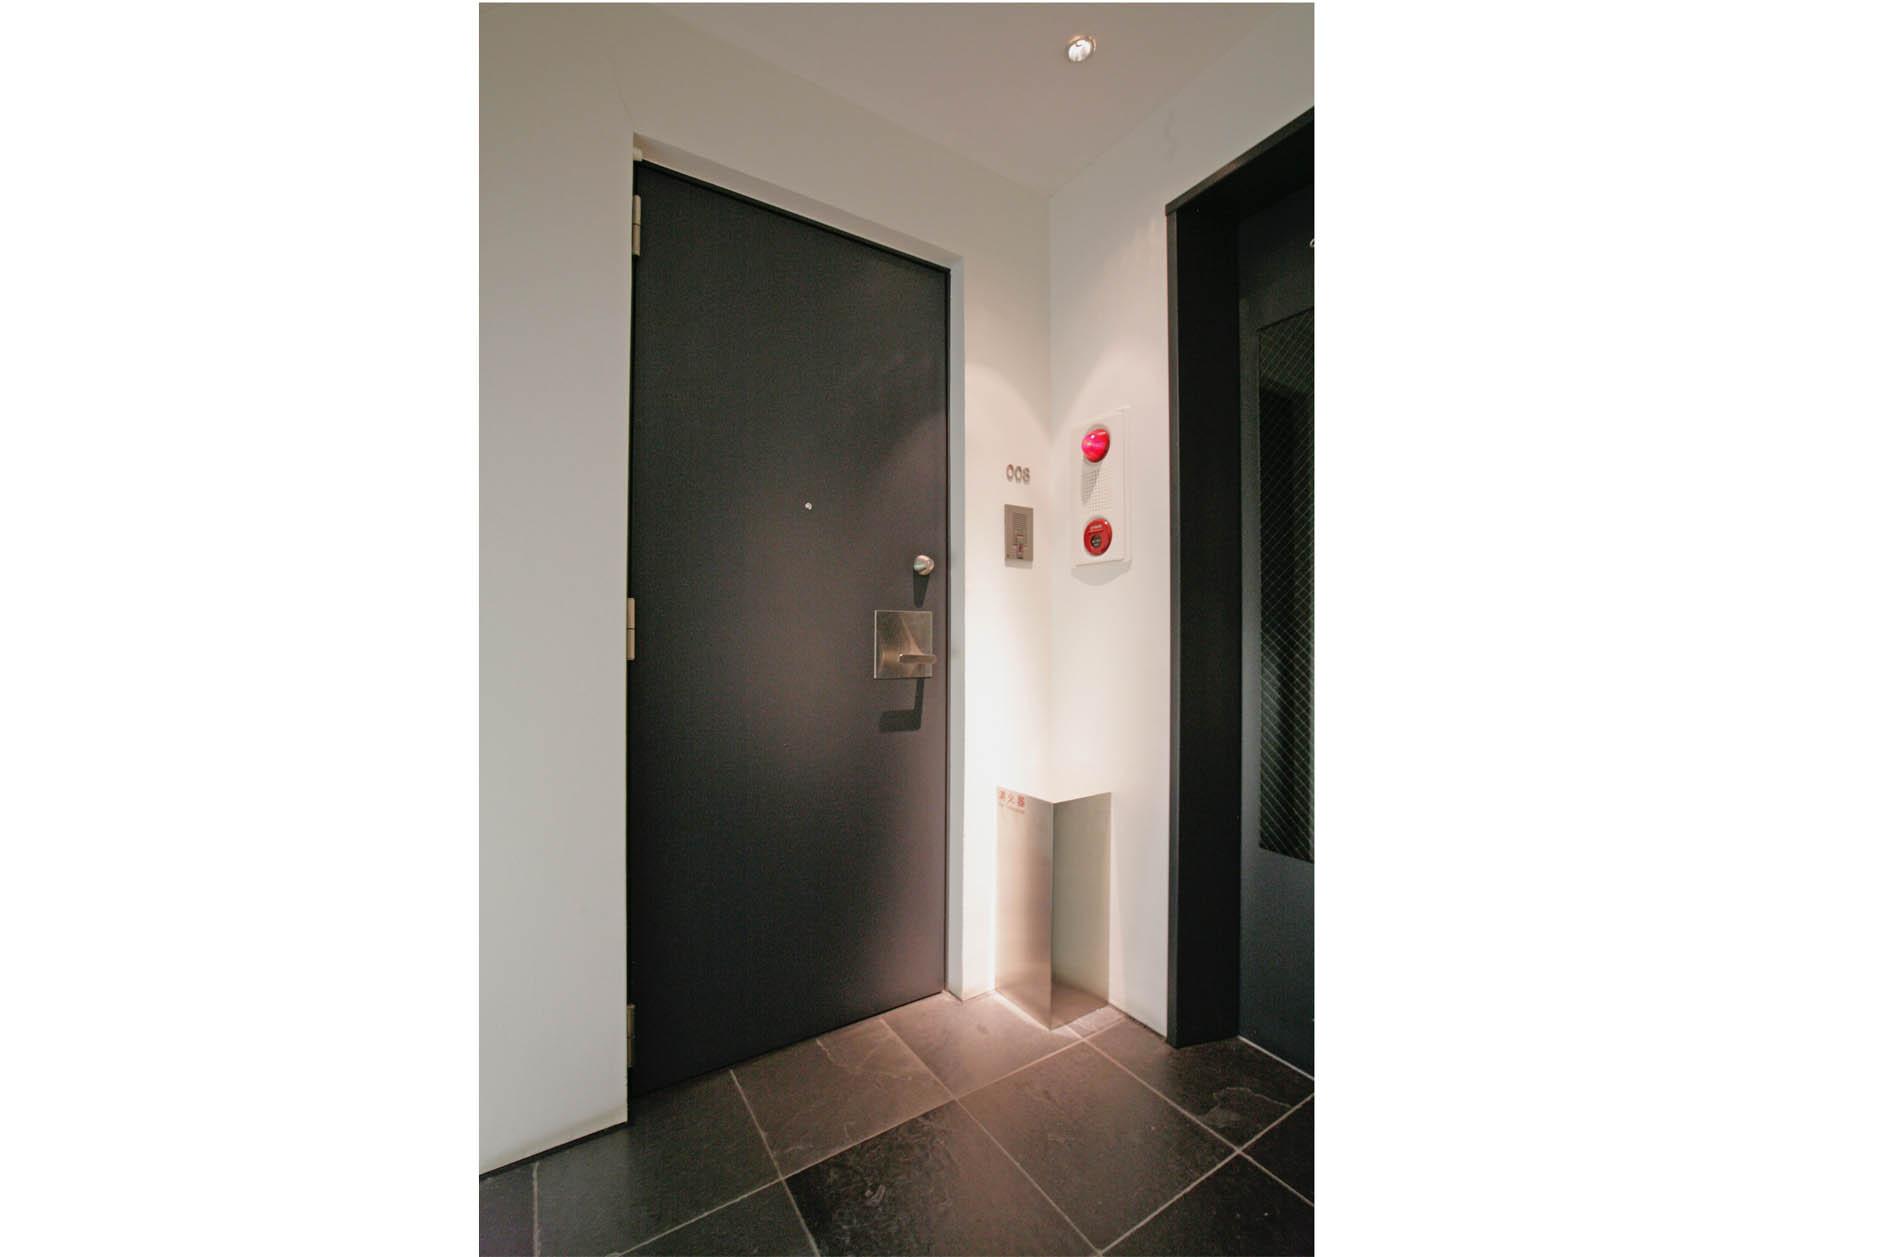 タイル貼りの重厚感と外部の影響を受けない内廊下は高級感も演出。 イメージ